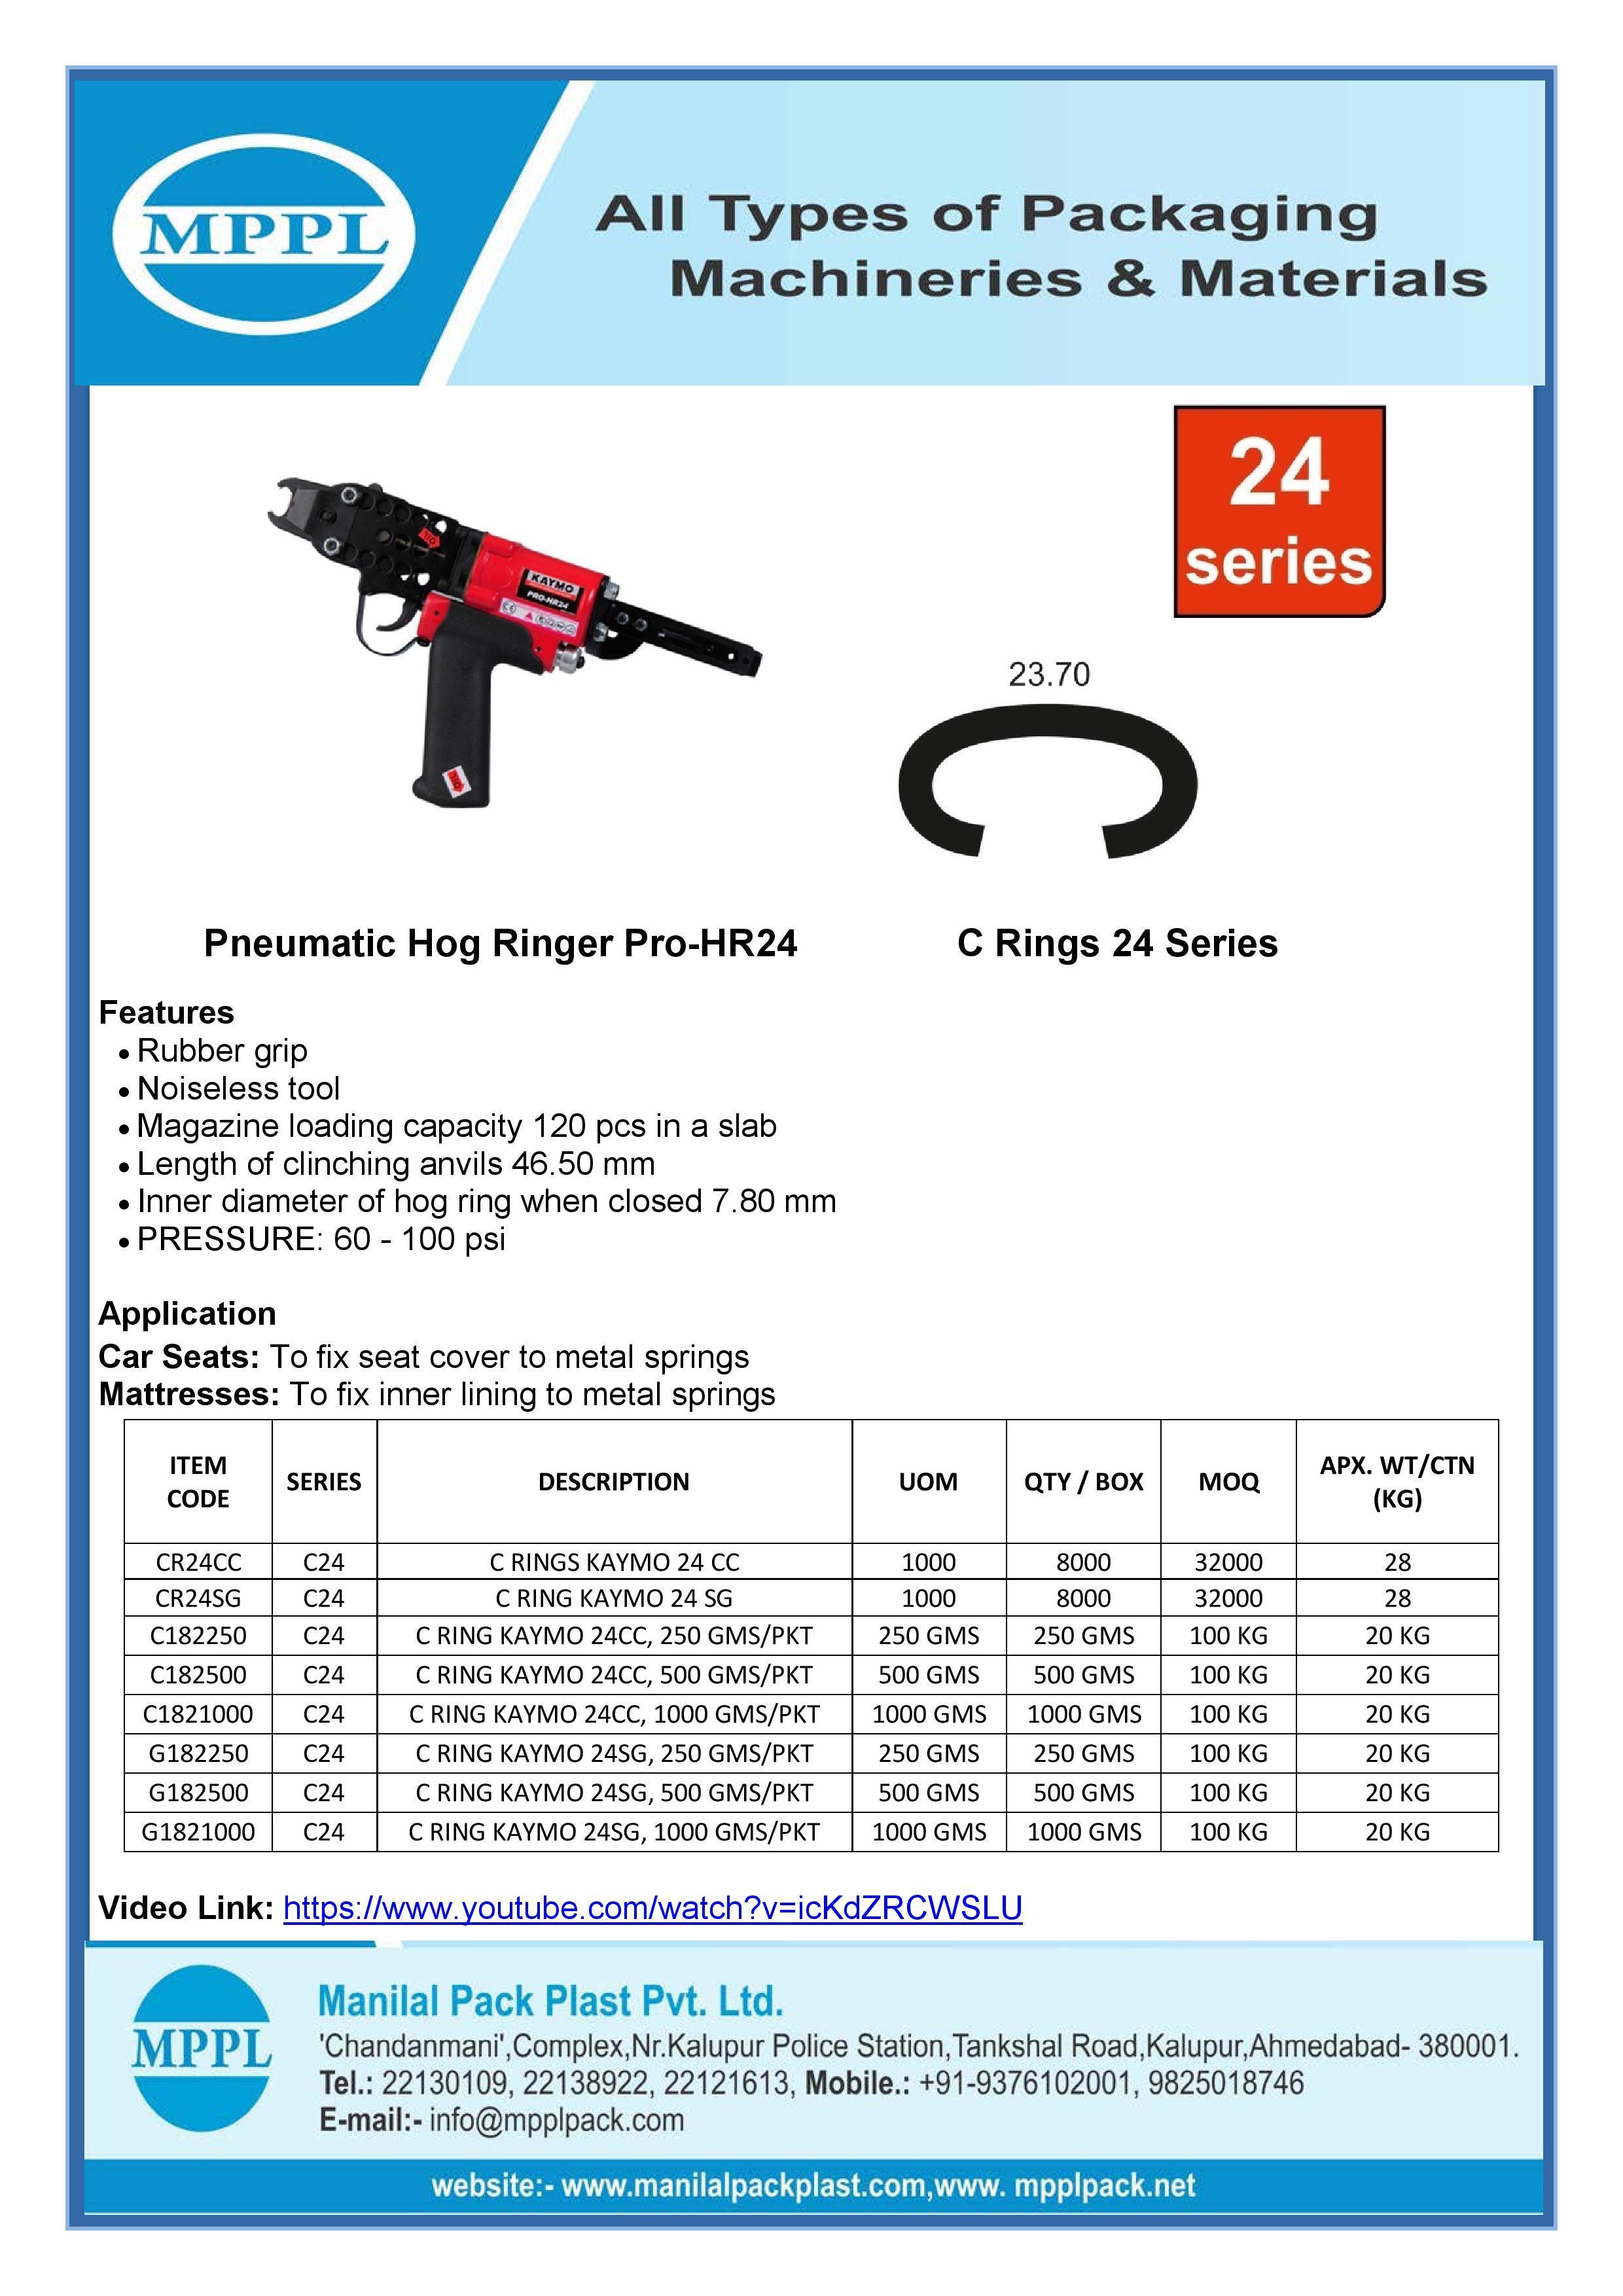 Pneumatic Hog Ringer Pro-HR24